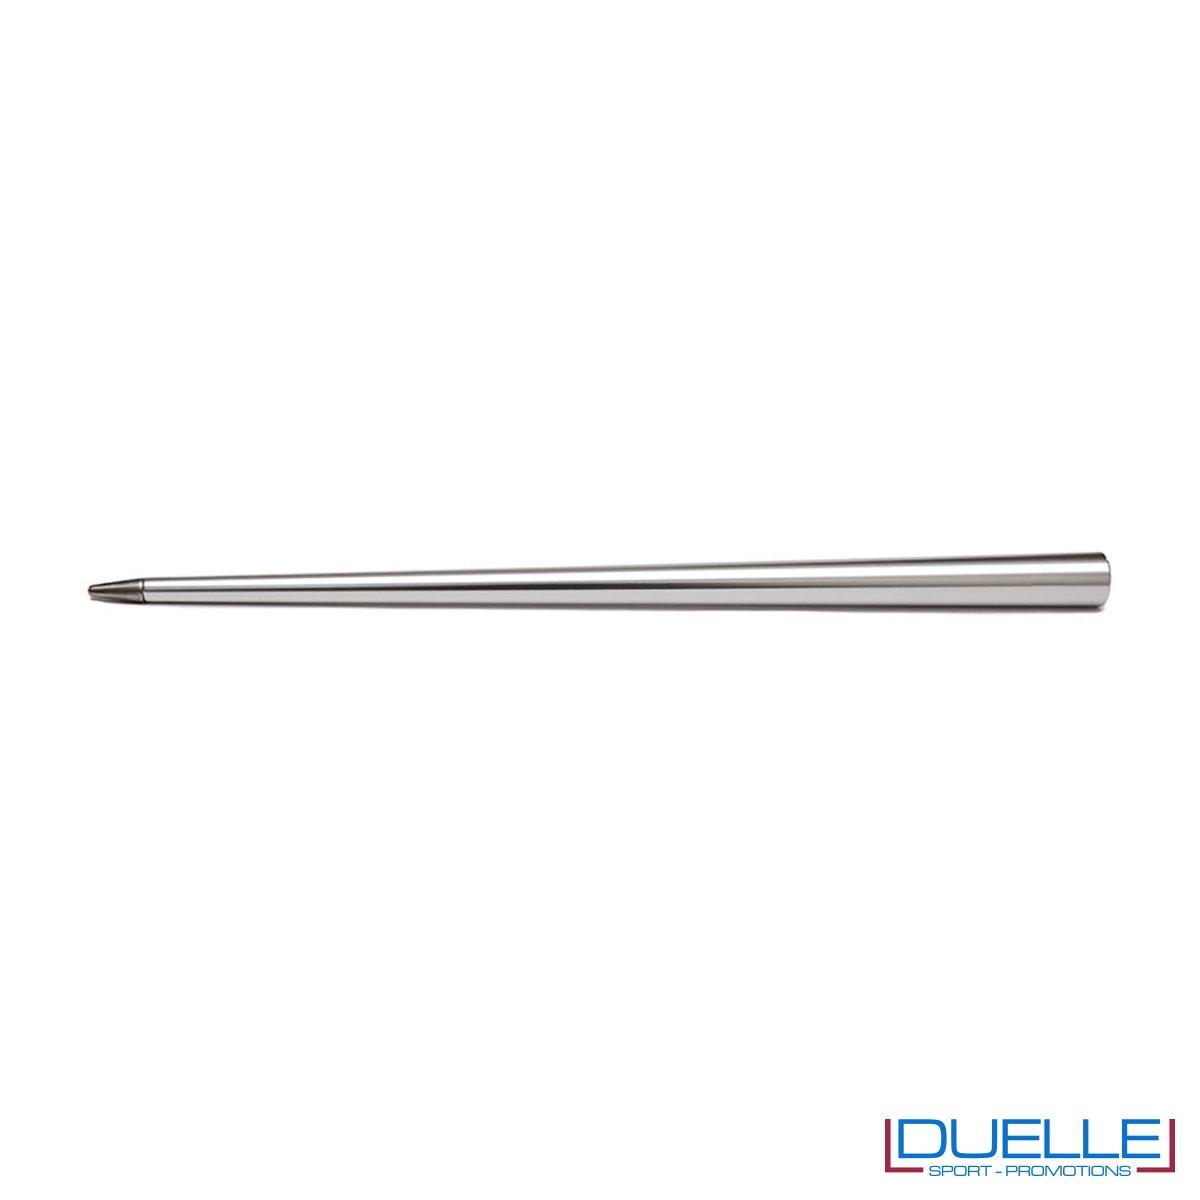 matita infinita personalizzata in colore argento, matita infinita 4ever promozionale in colore argento